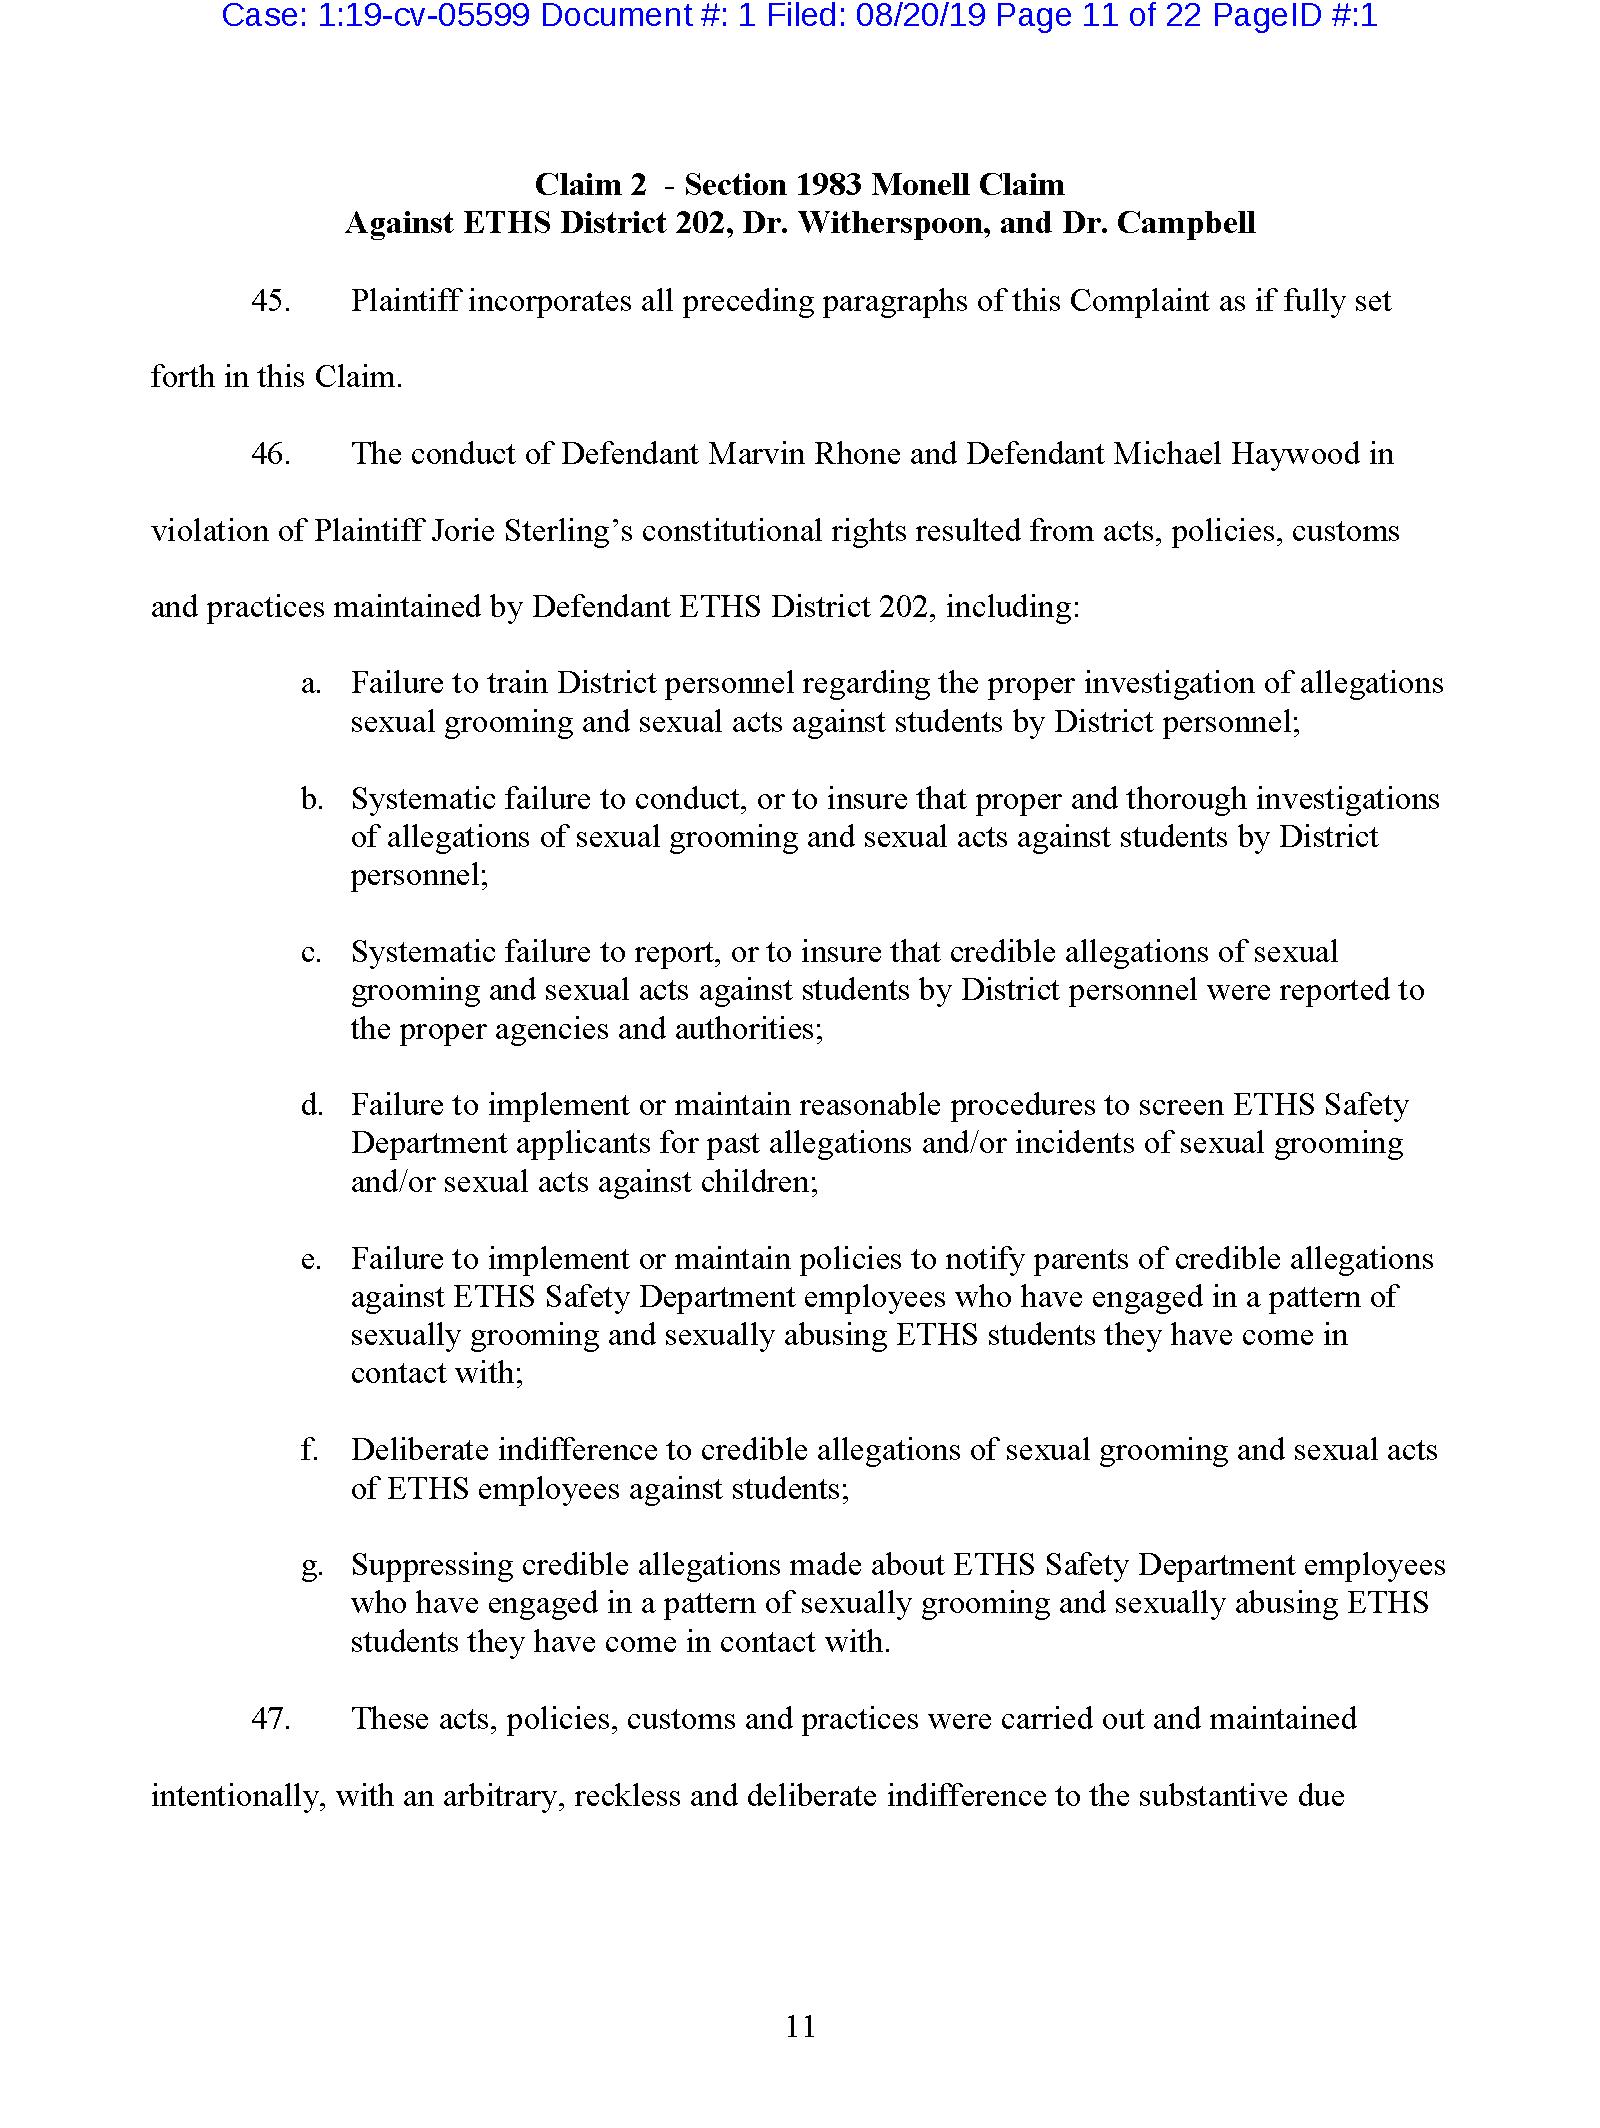 Copy of Complaint0111.png